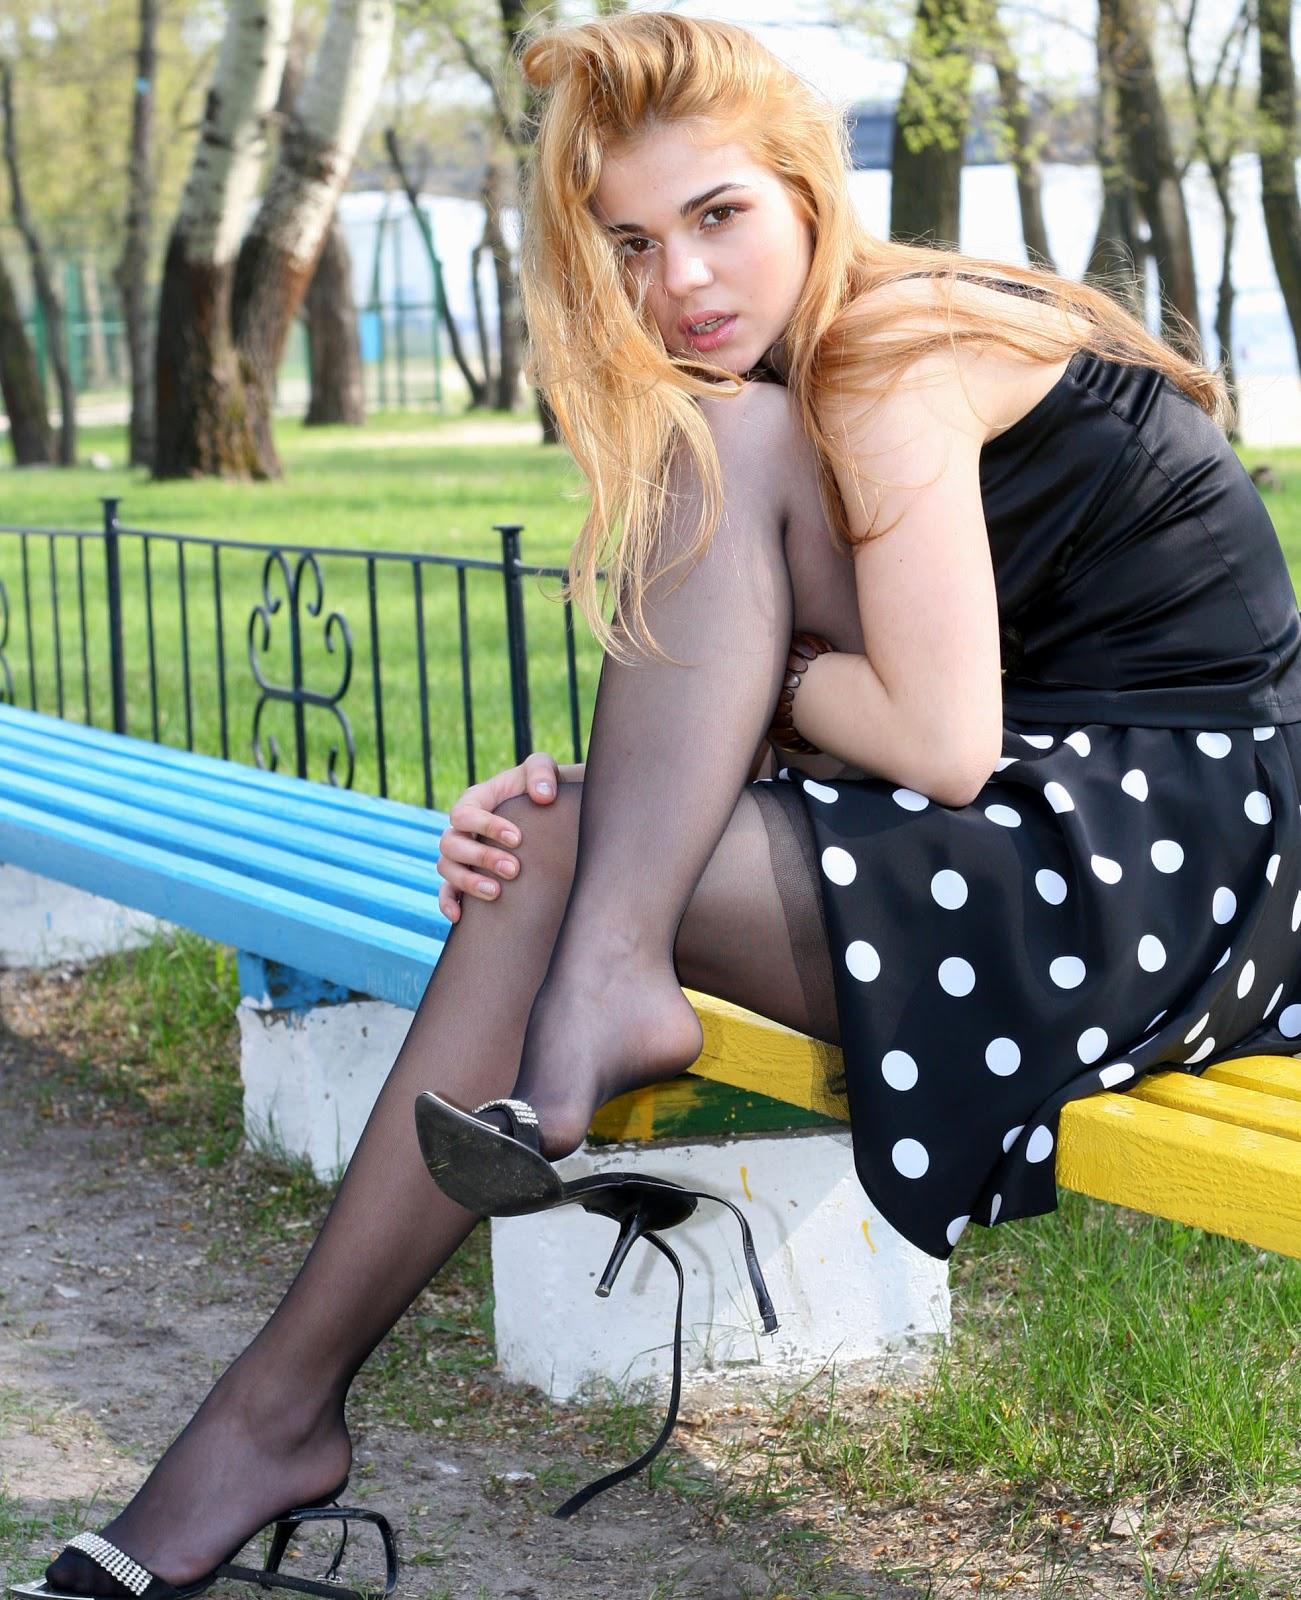 Фото российских девушек в колготках из соц сетей 2 фотография